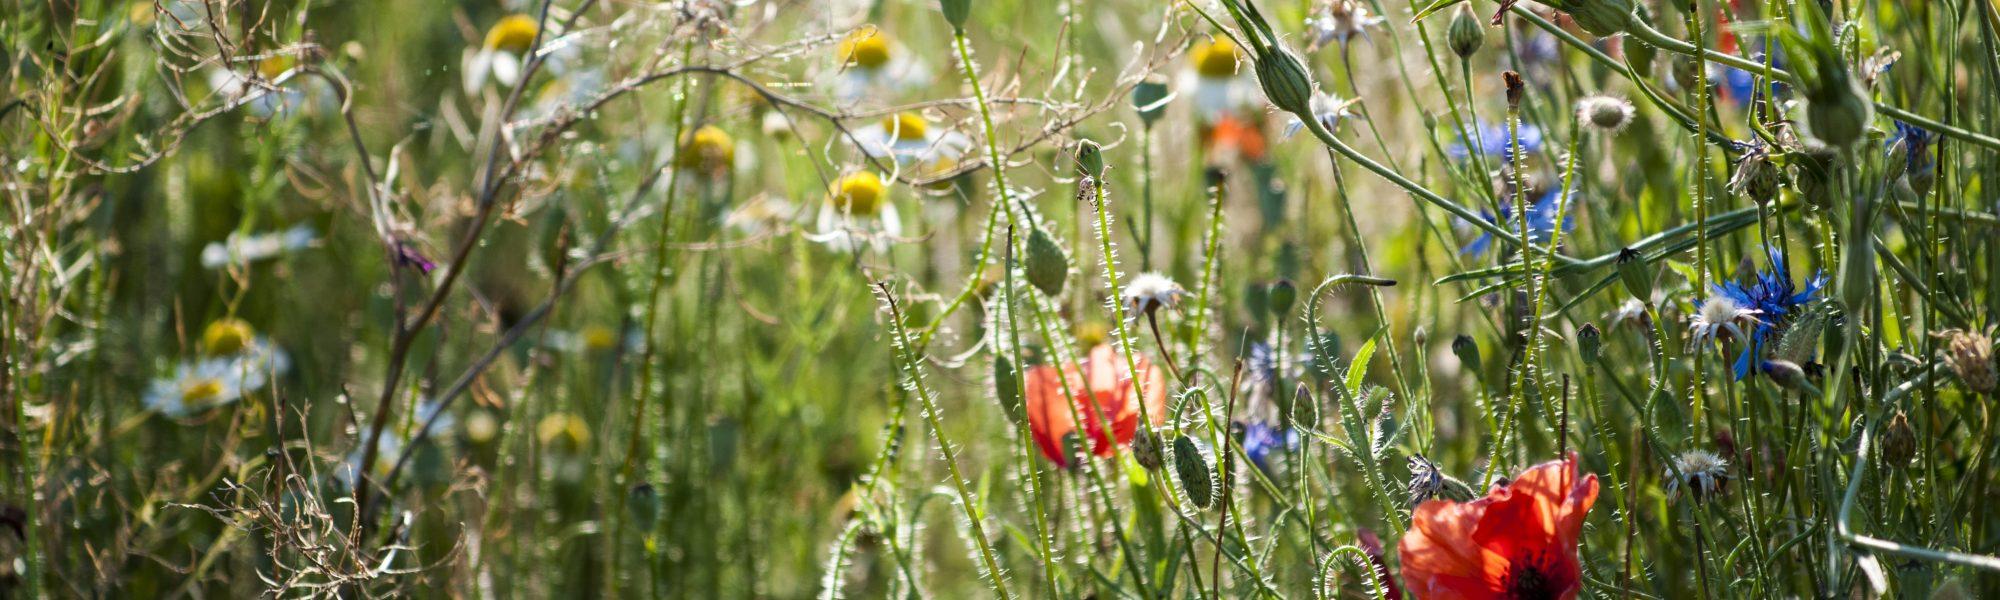 Freiland-Philosophie Biodiversität